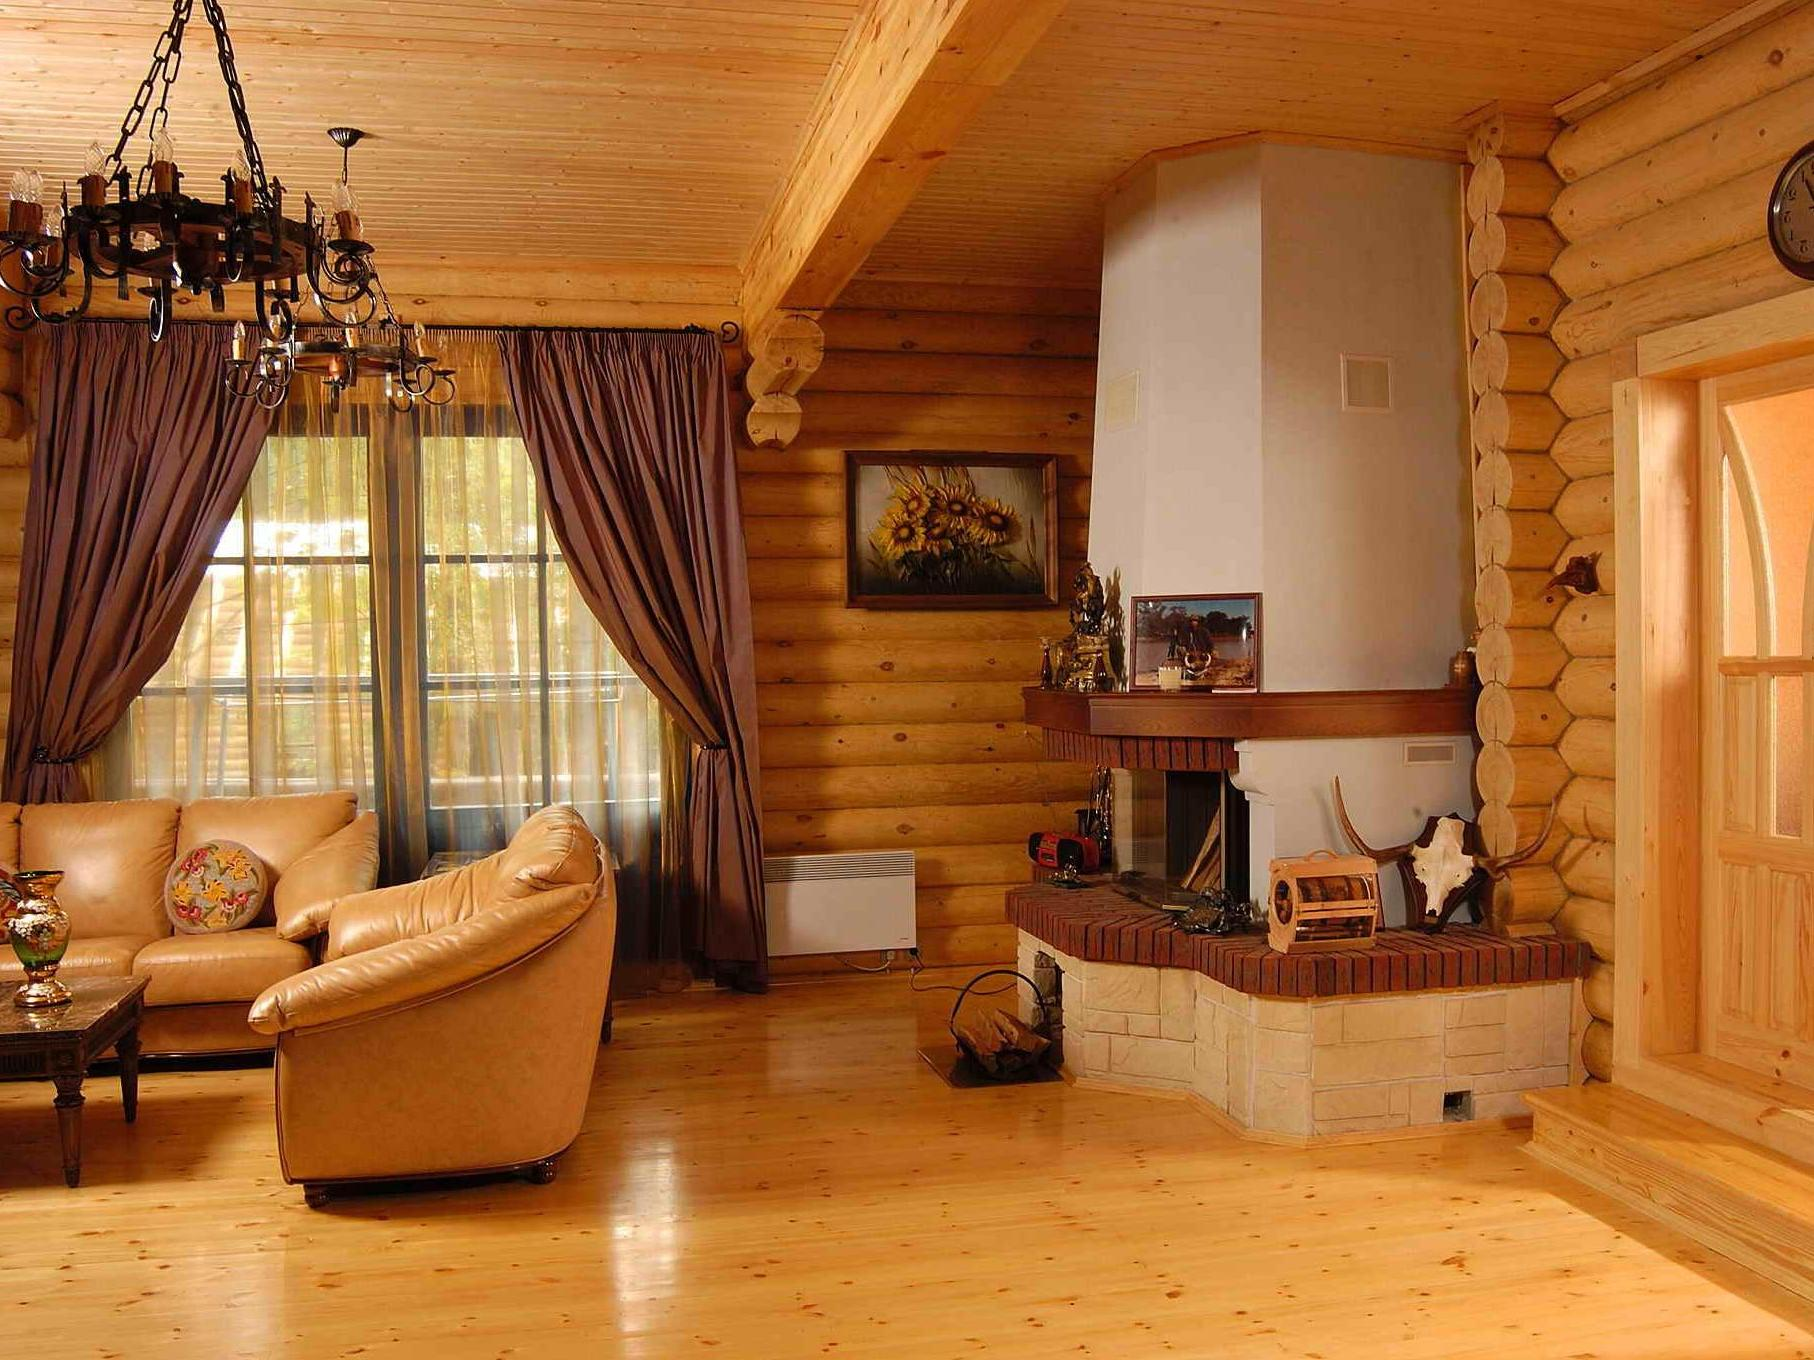 блокхаус внутри дома